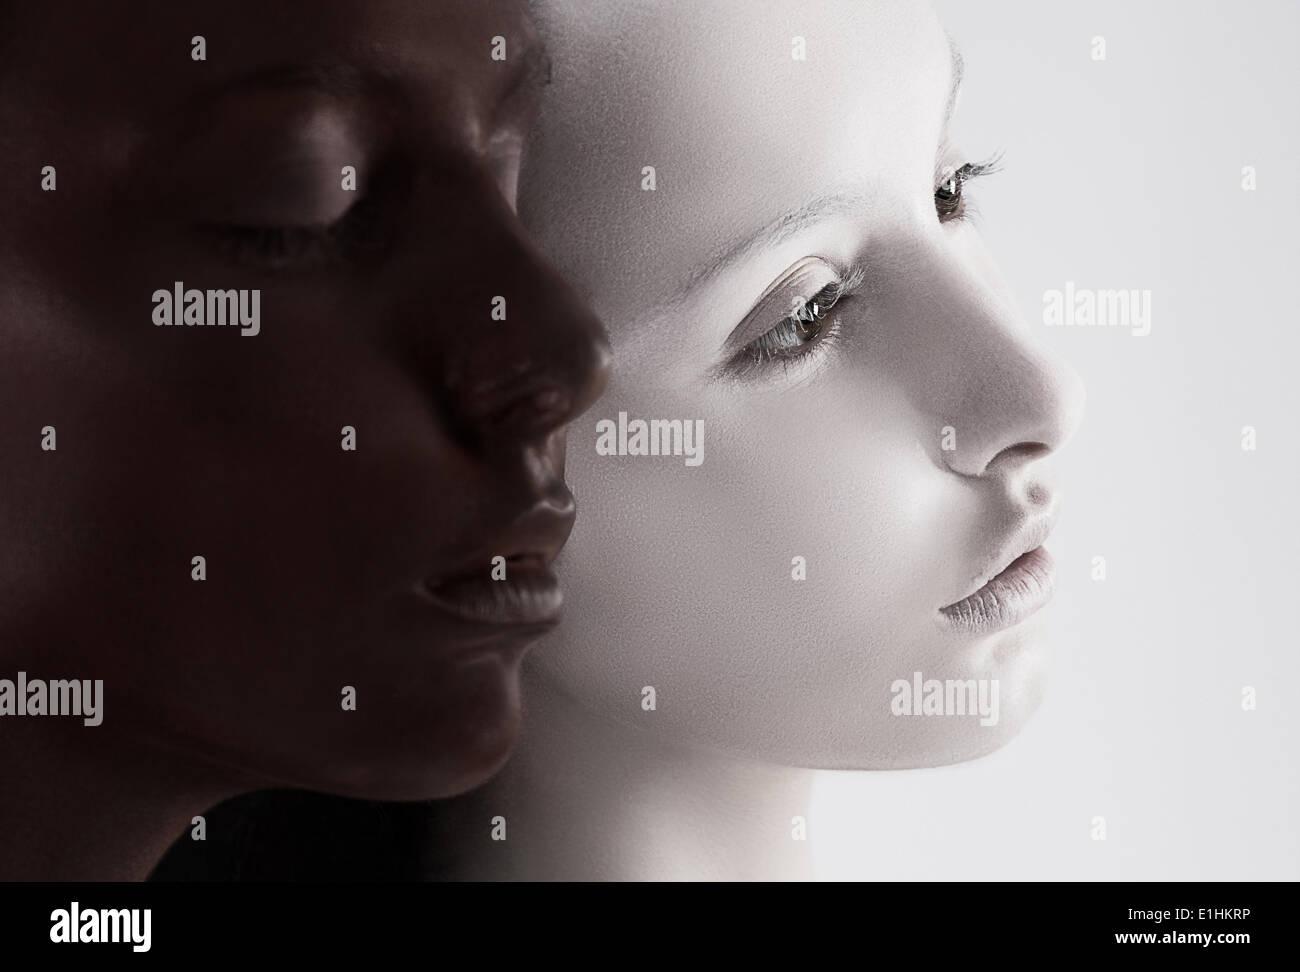 La diversité culturelle. Deux visages de couleur noir et blanc. Yin Yang Style Photo Stock